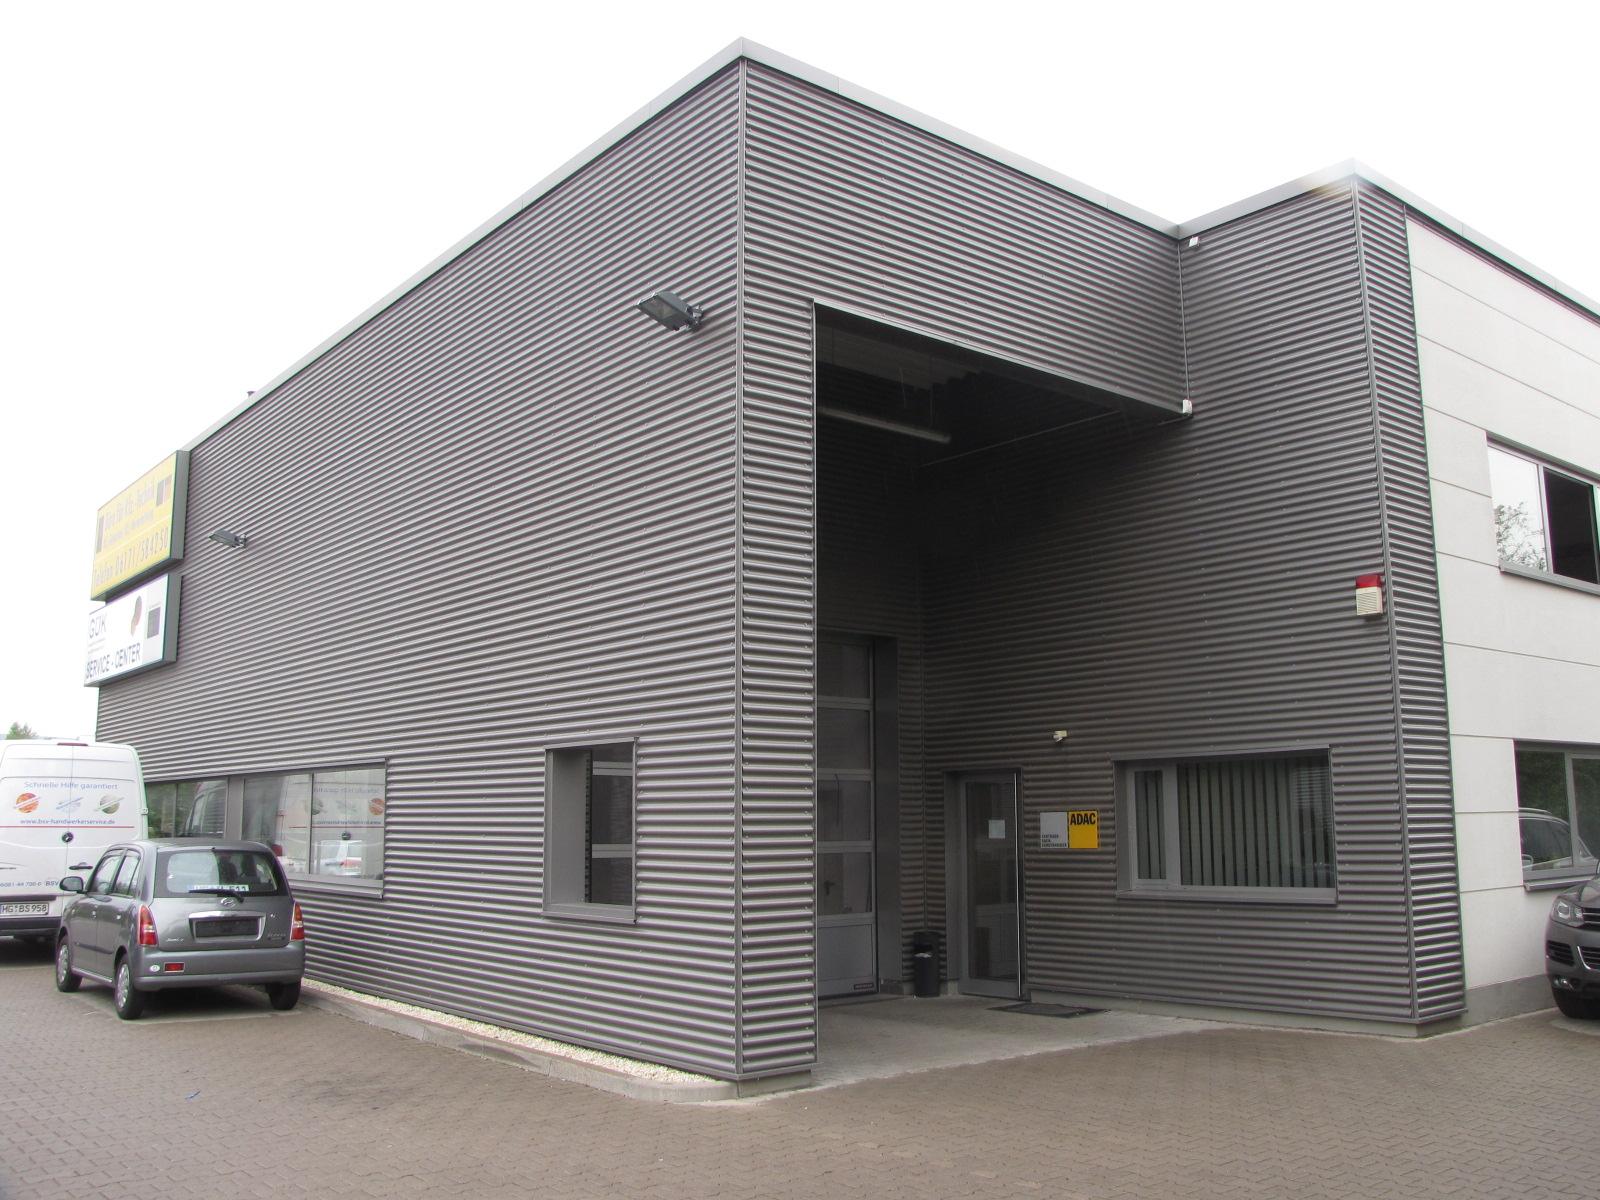 Büro für Kfz.-Technik Pristaff & Rottländer GmbH